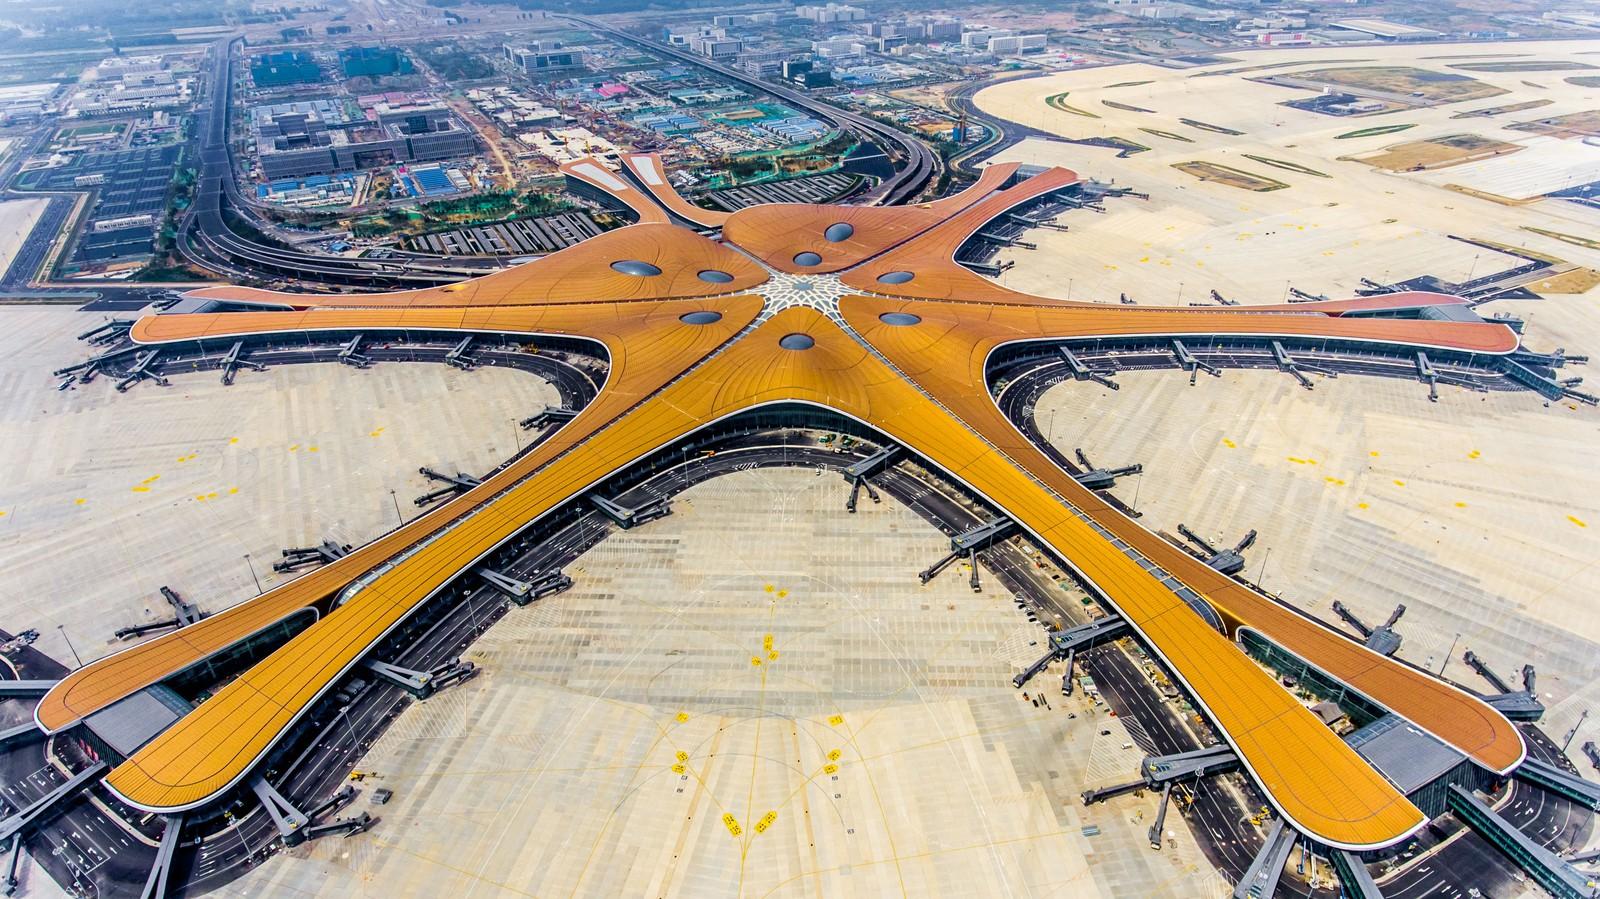 Aeroporto Internacional de Pequim